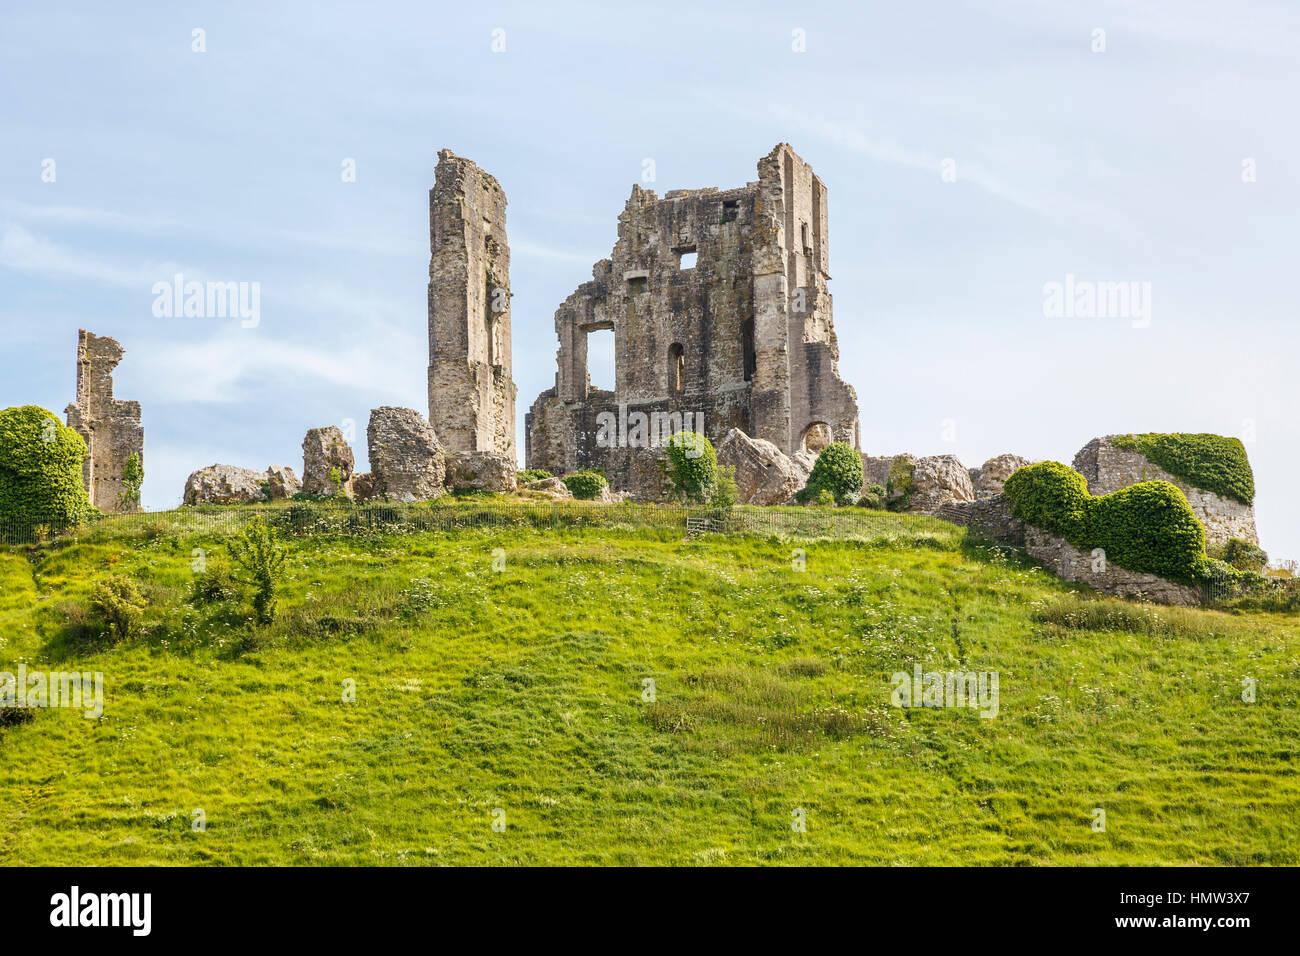 Vue sur les ruines de la colline du château de Corfe, rescapé de la guerre civile anglaise, en Corfe, Photo Stock